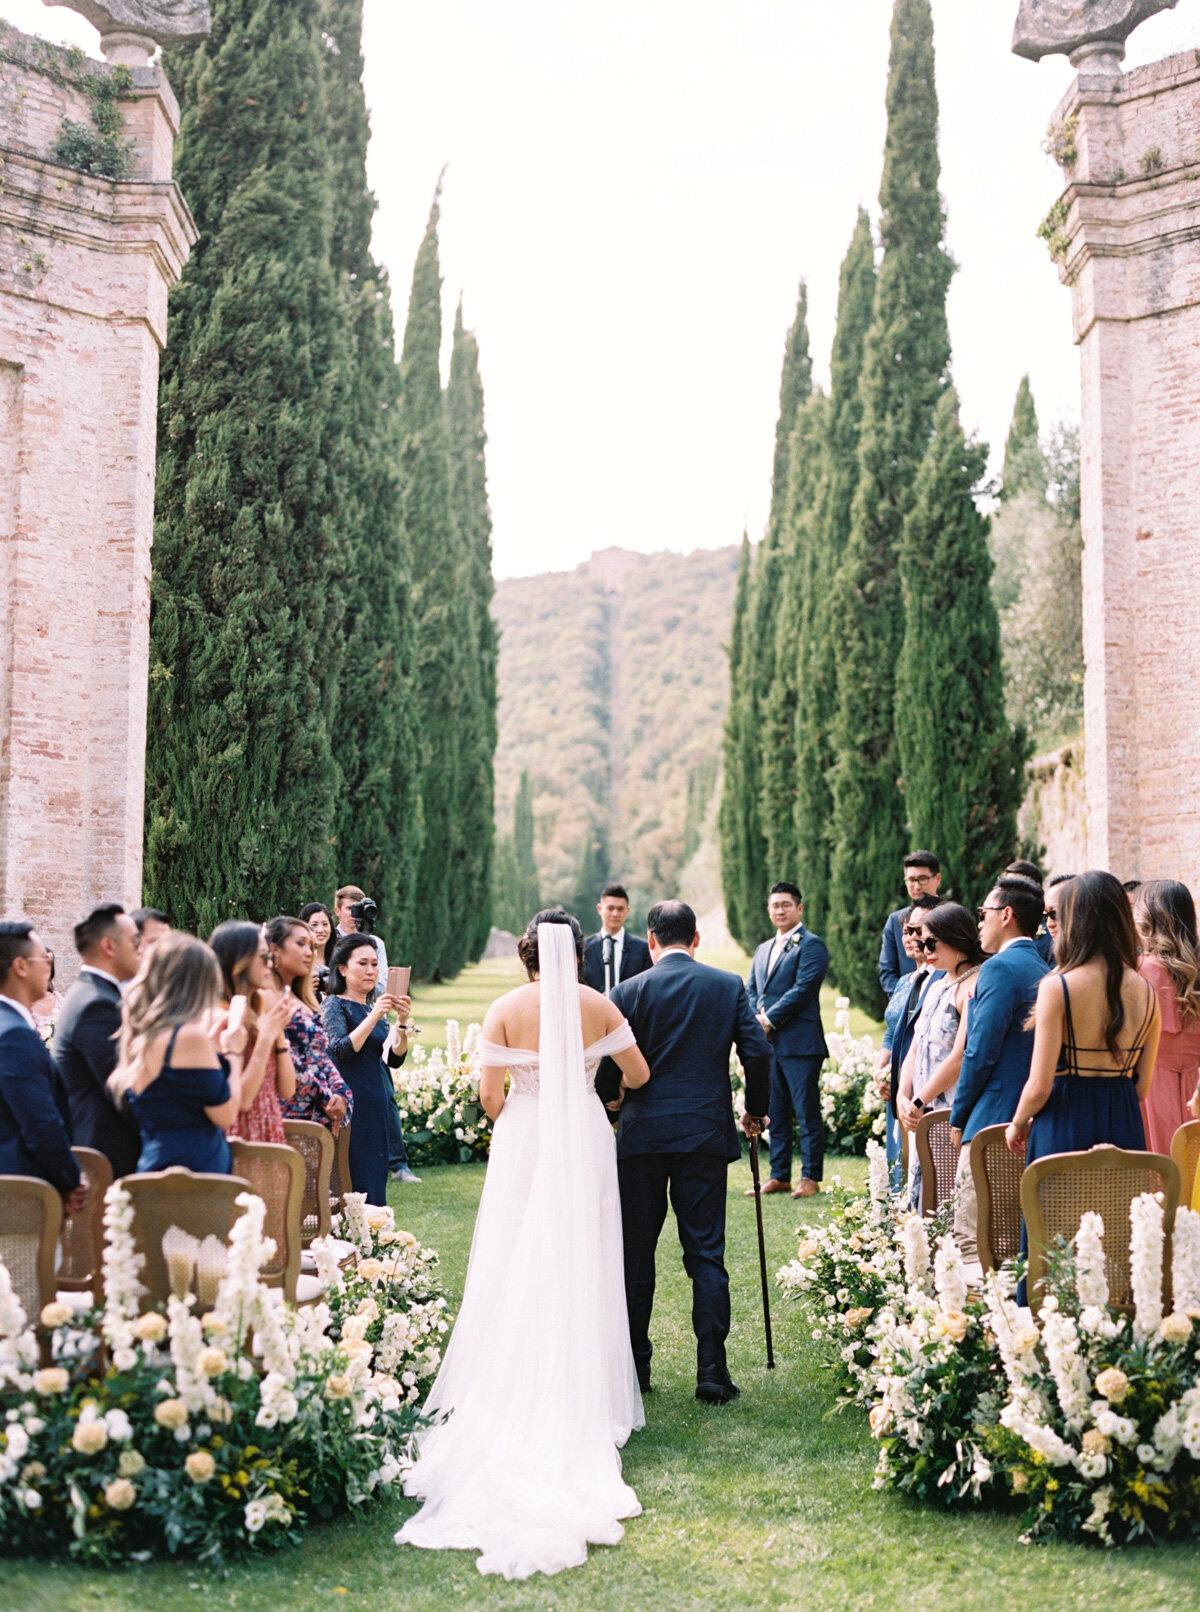 Villa-Cetinale-Tuscany-Katie-Grant-destination-wedding (61 of 115).jpg